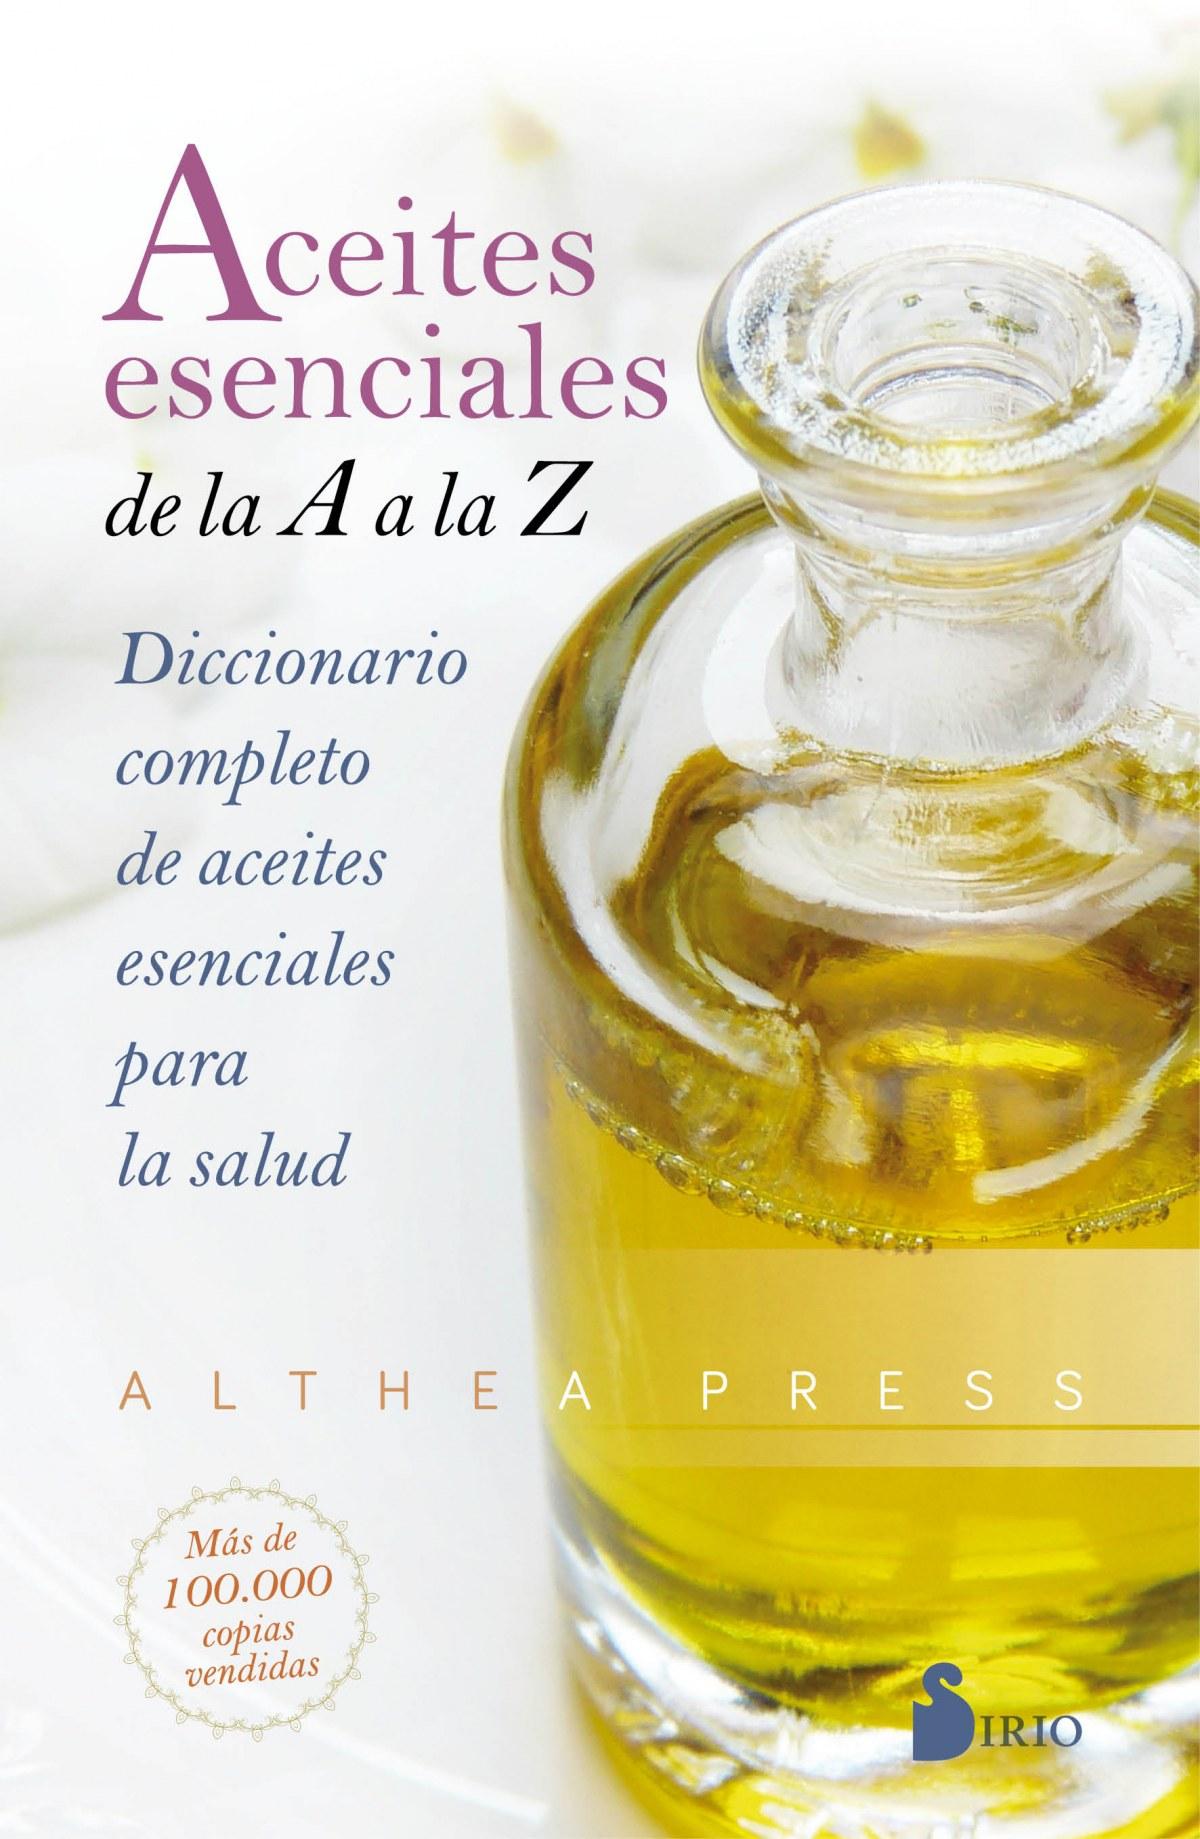 Aceites esenciales de la A a la Z 9788418000393